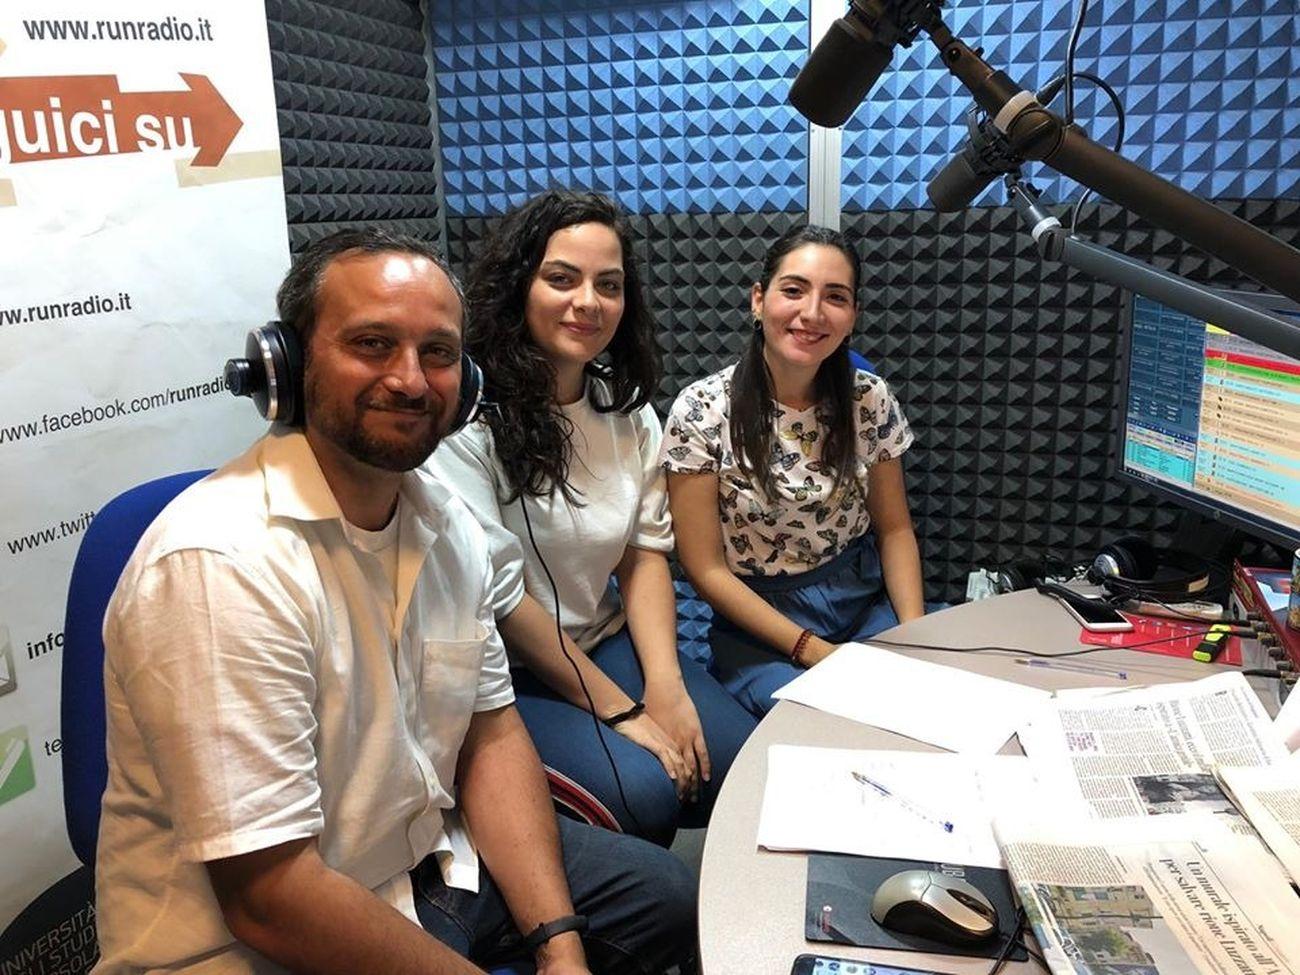 Su Run Radio con Luca Borriello Streetness il primo programma radiofonico sulla creatività urbana